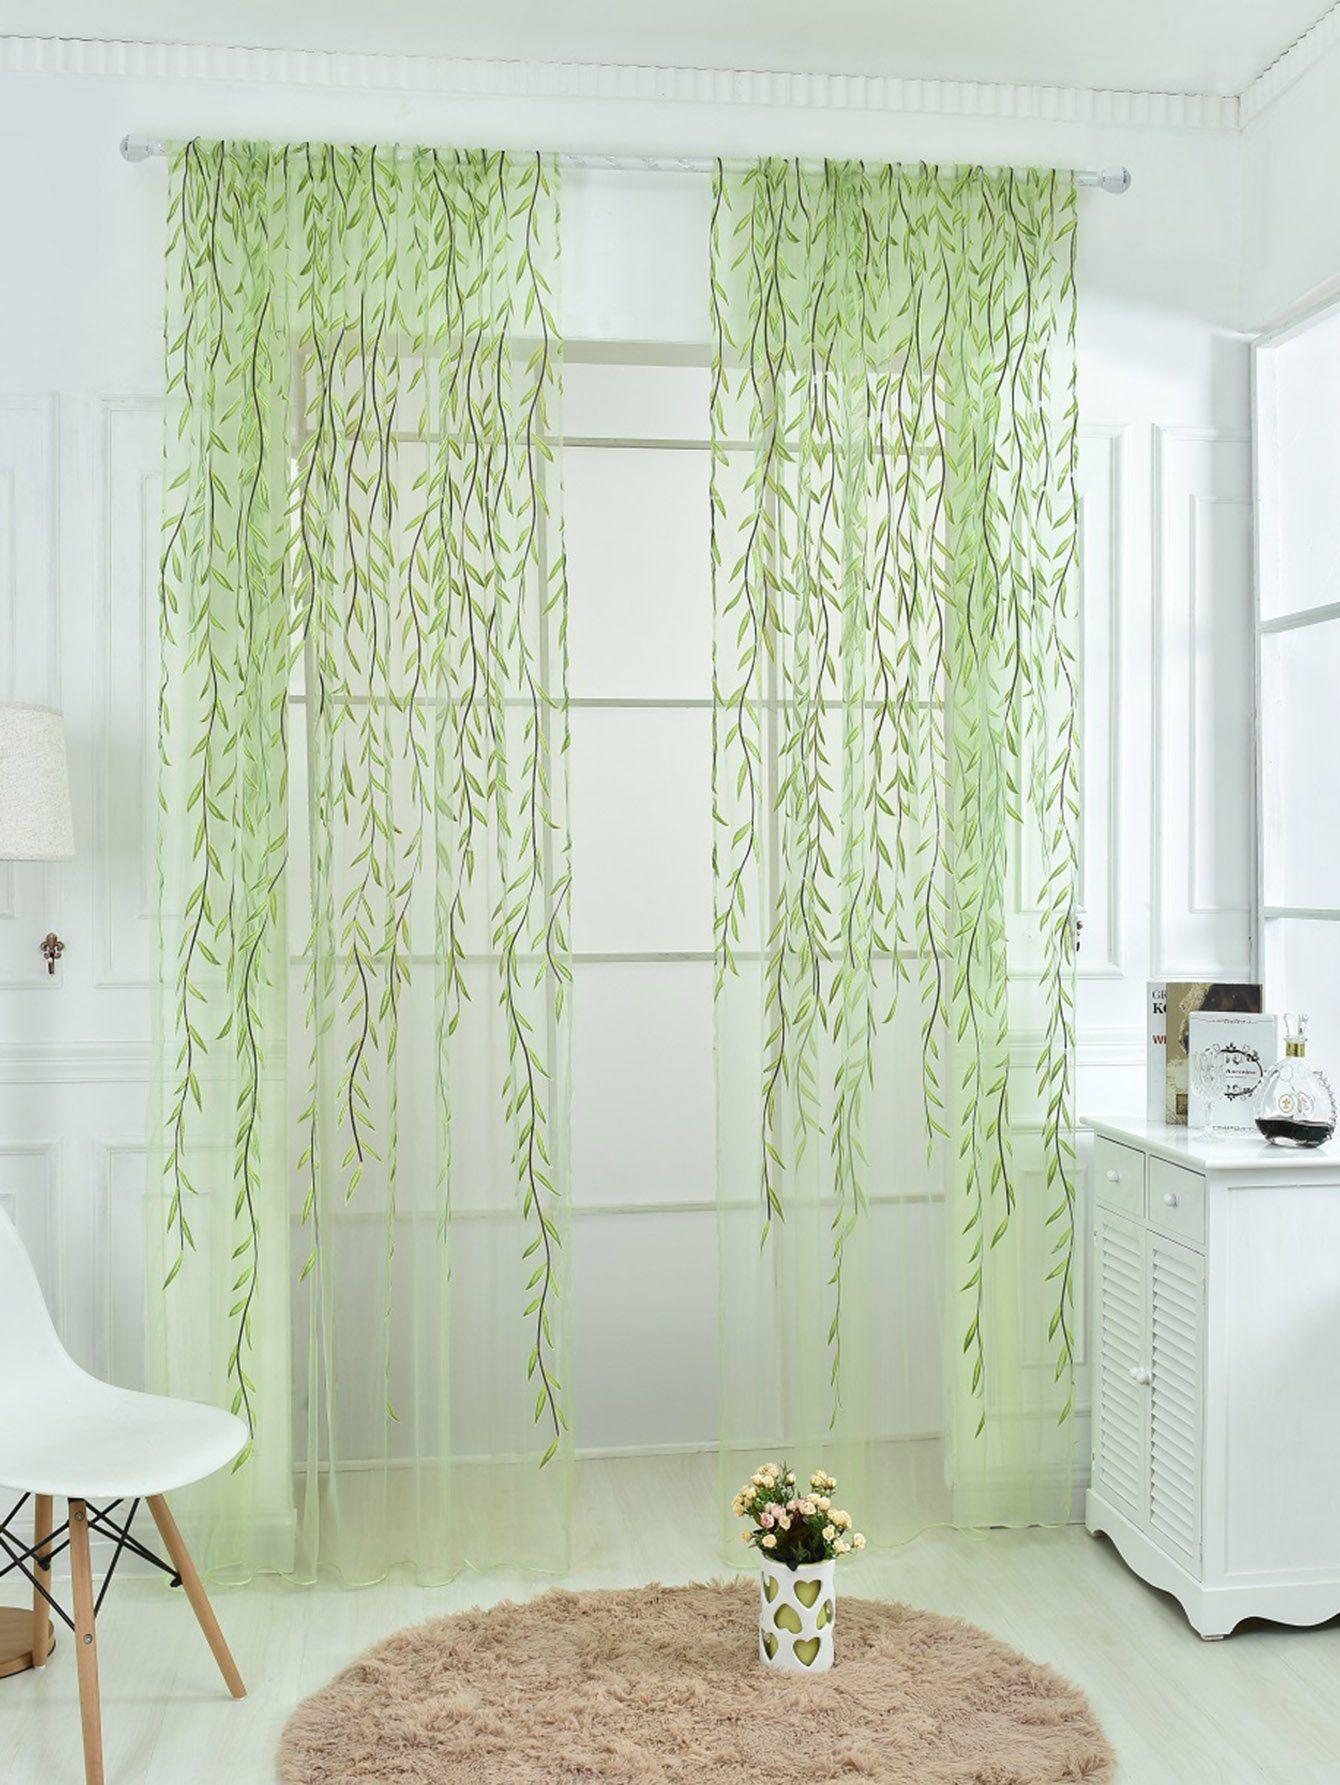 drapery center chicago hyatt mesh the in coil architectural cascade drapes full pin length